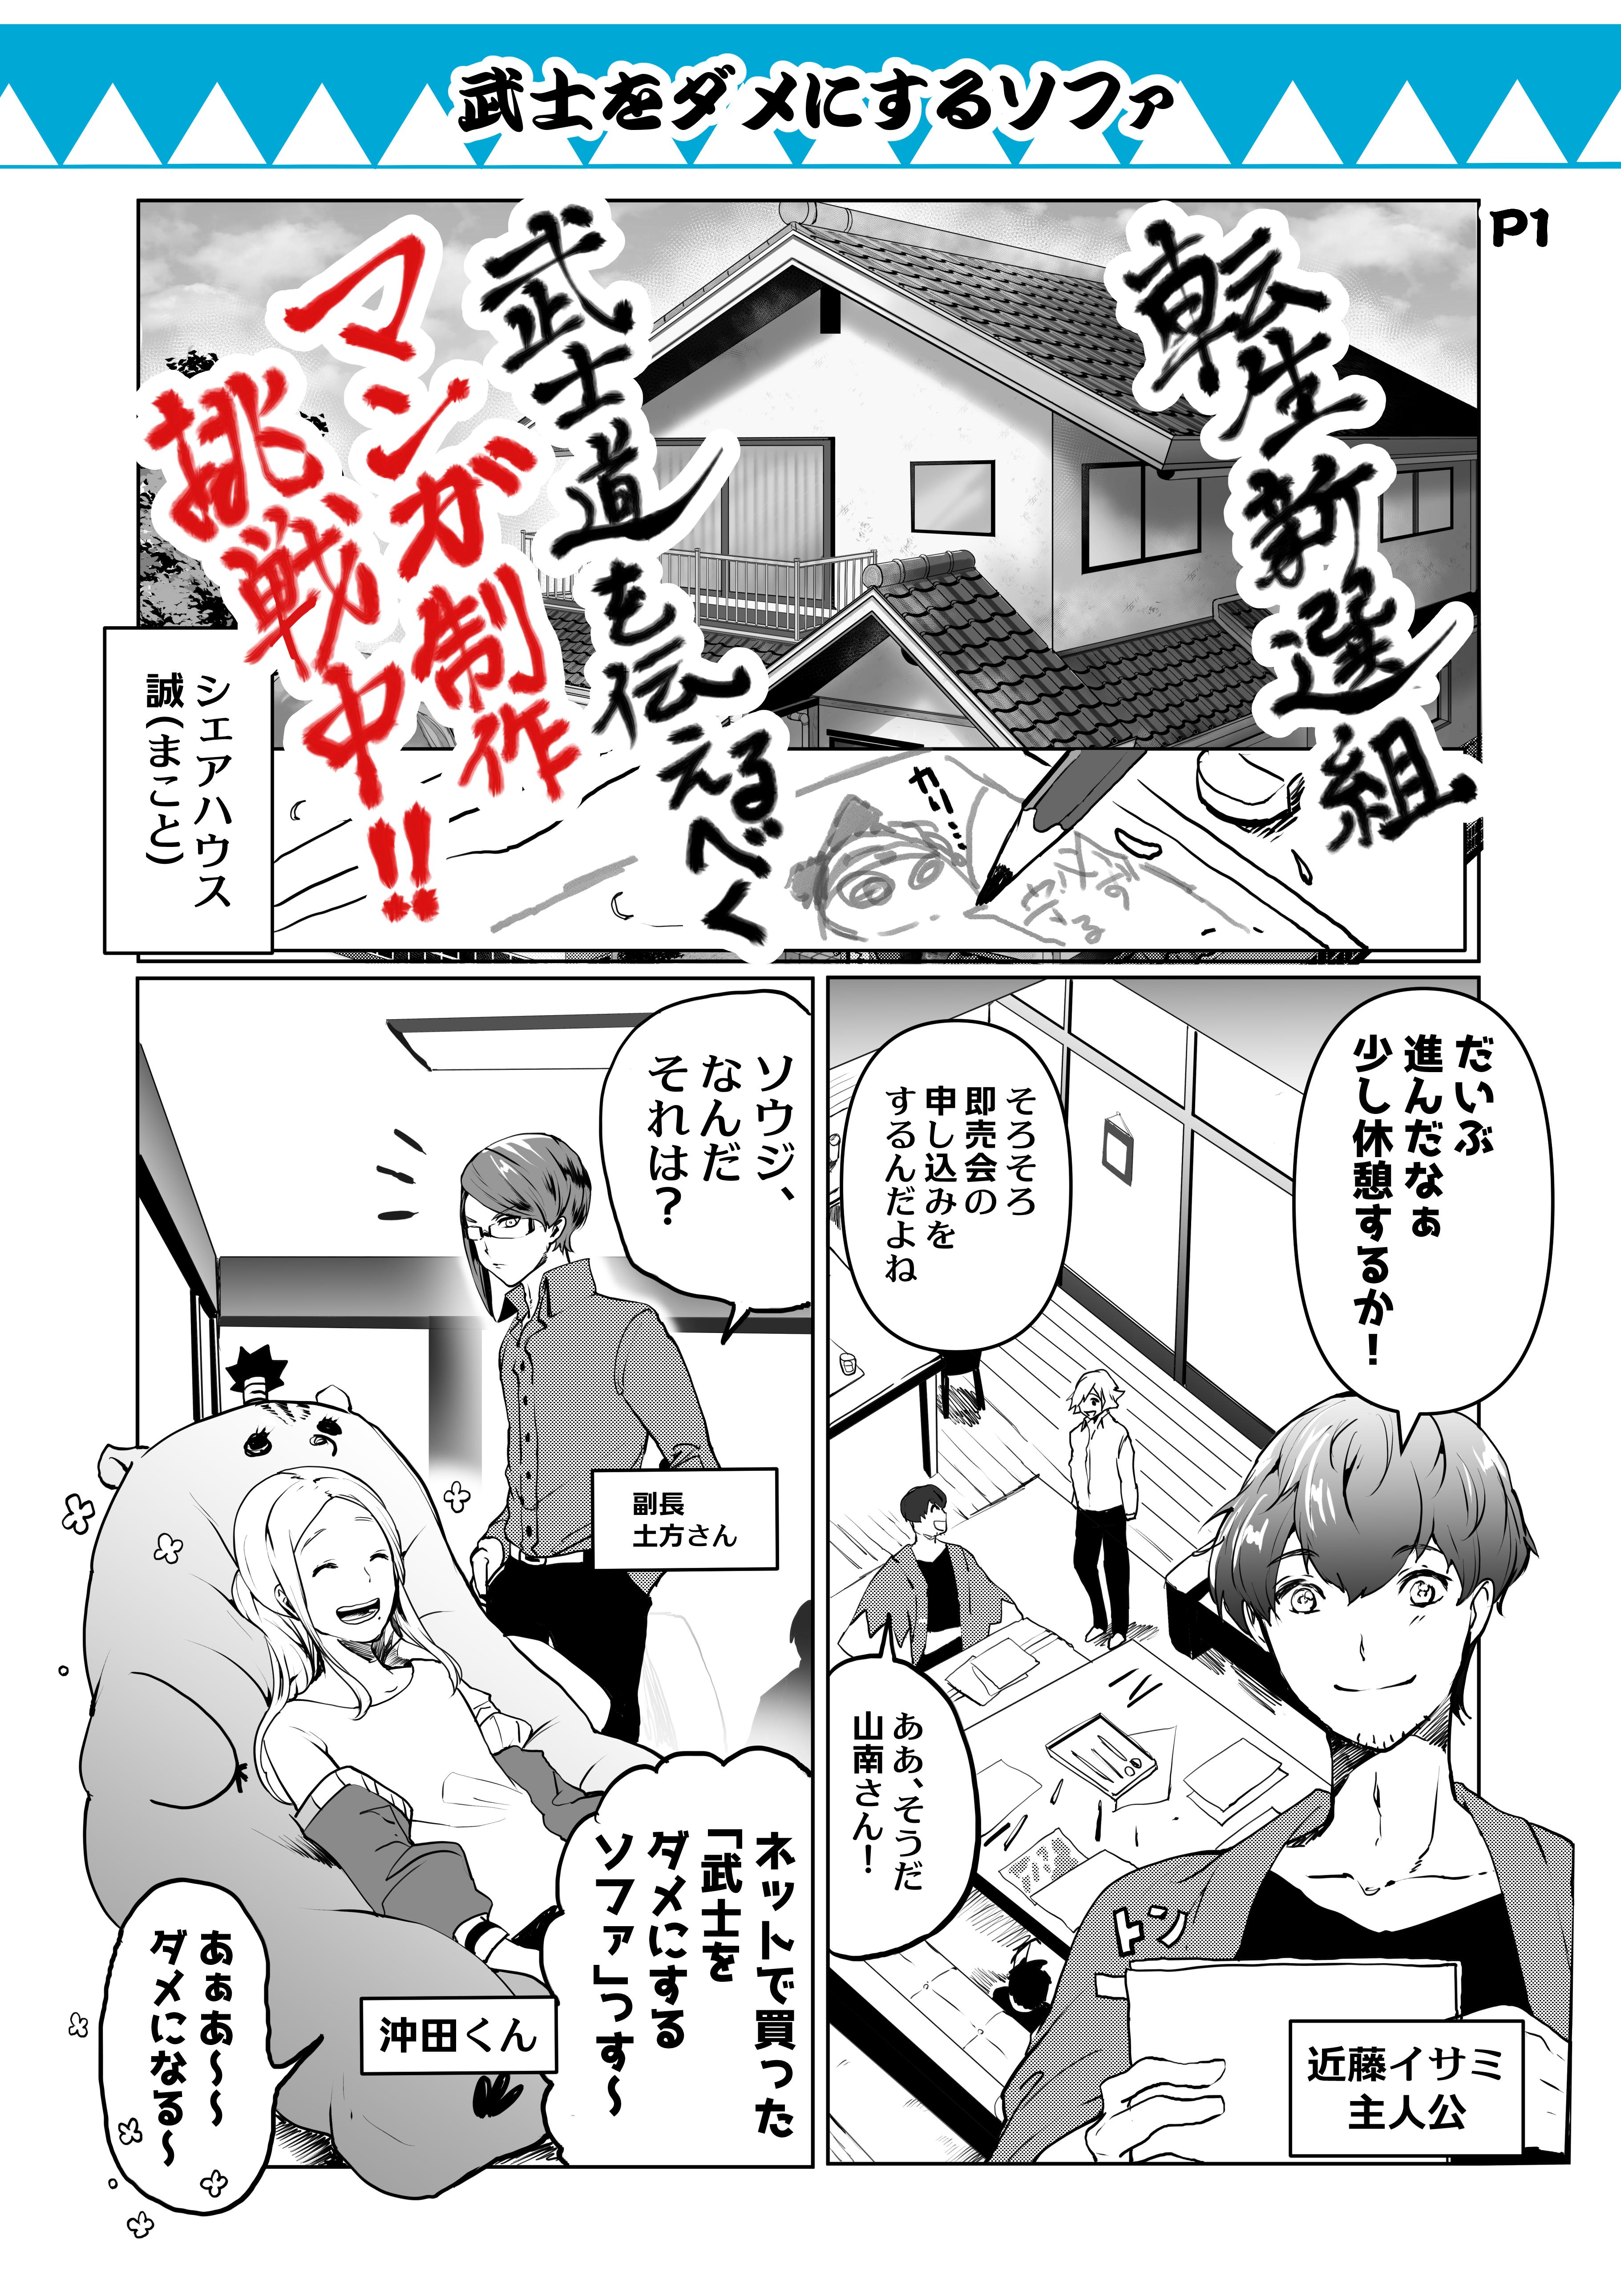 新選_011話_武士をダメにするソファ_001.png